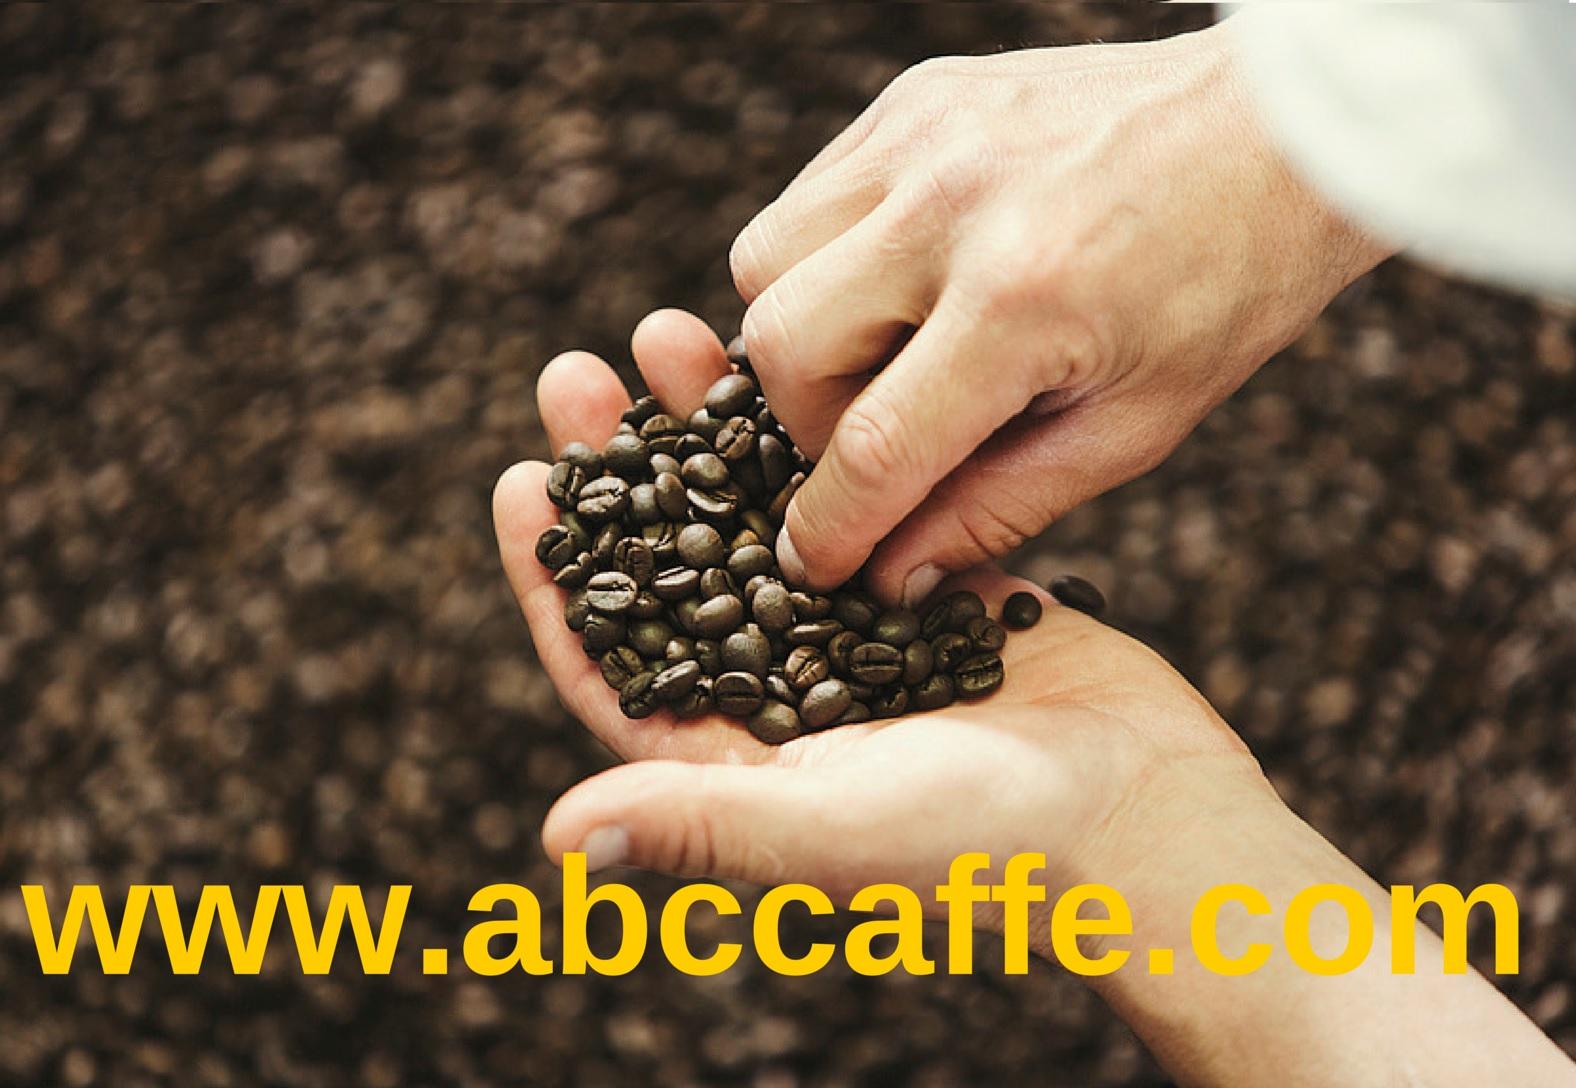 Nuovo sito caffe